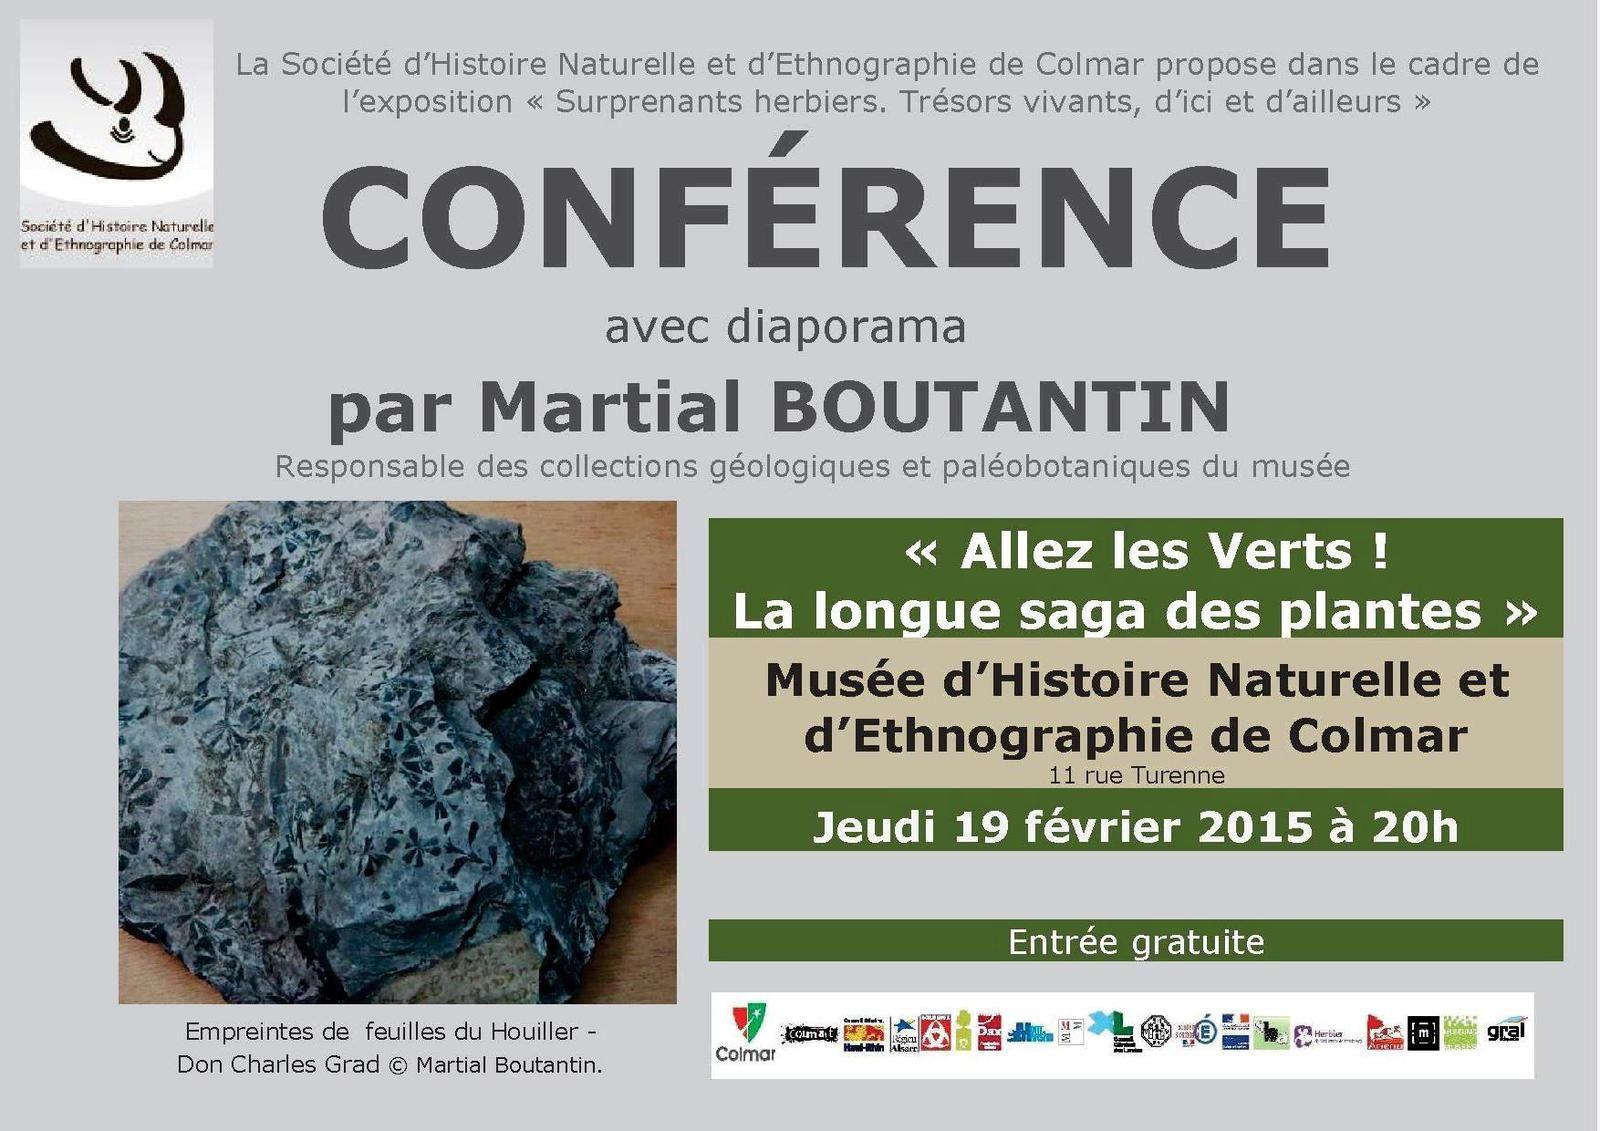 Vendredi 13 février, jeudi 19, samedi 21, trois rendez-vous au Muséum d'histoire naturelle de Colmar